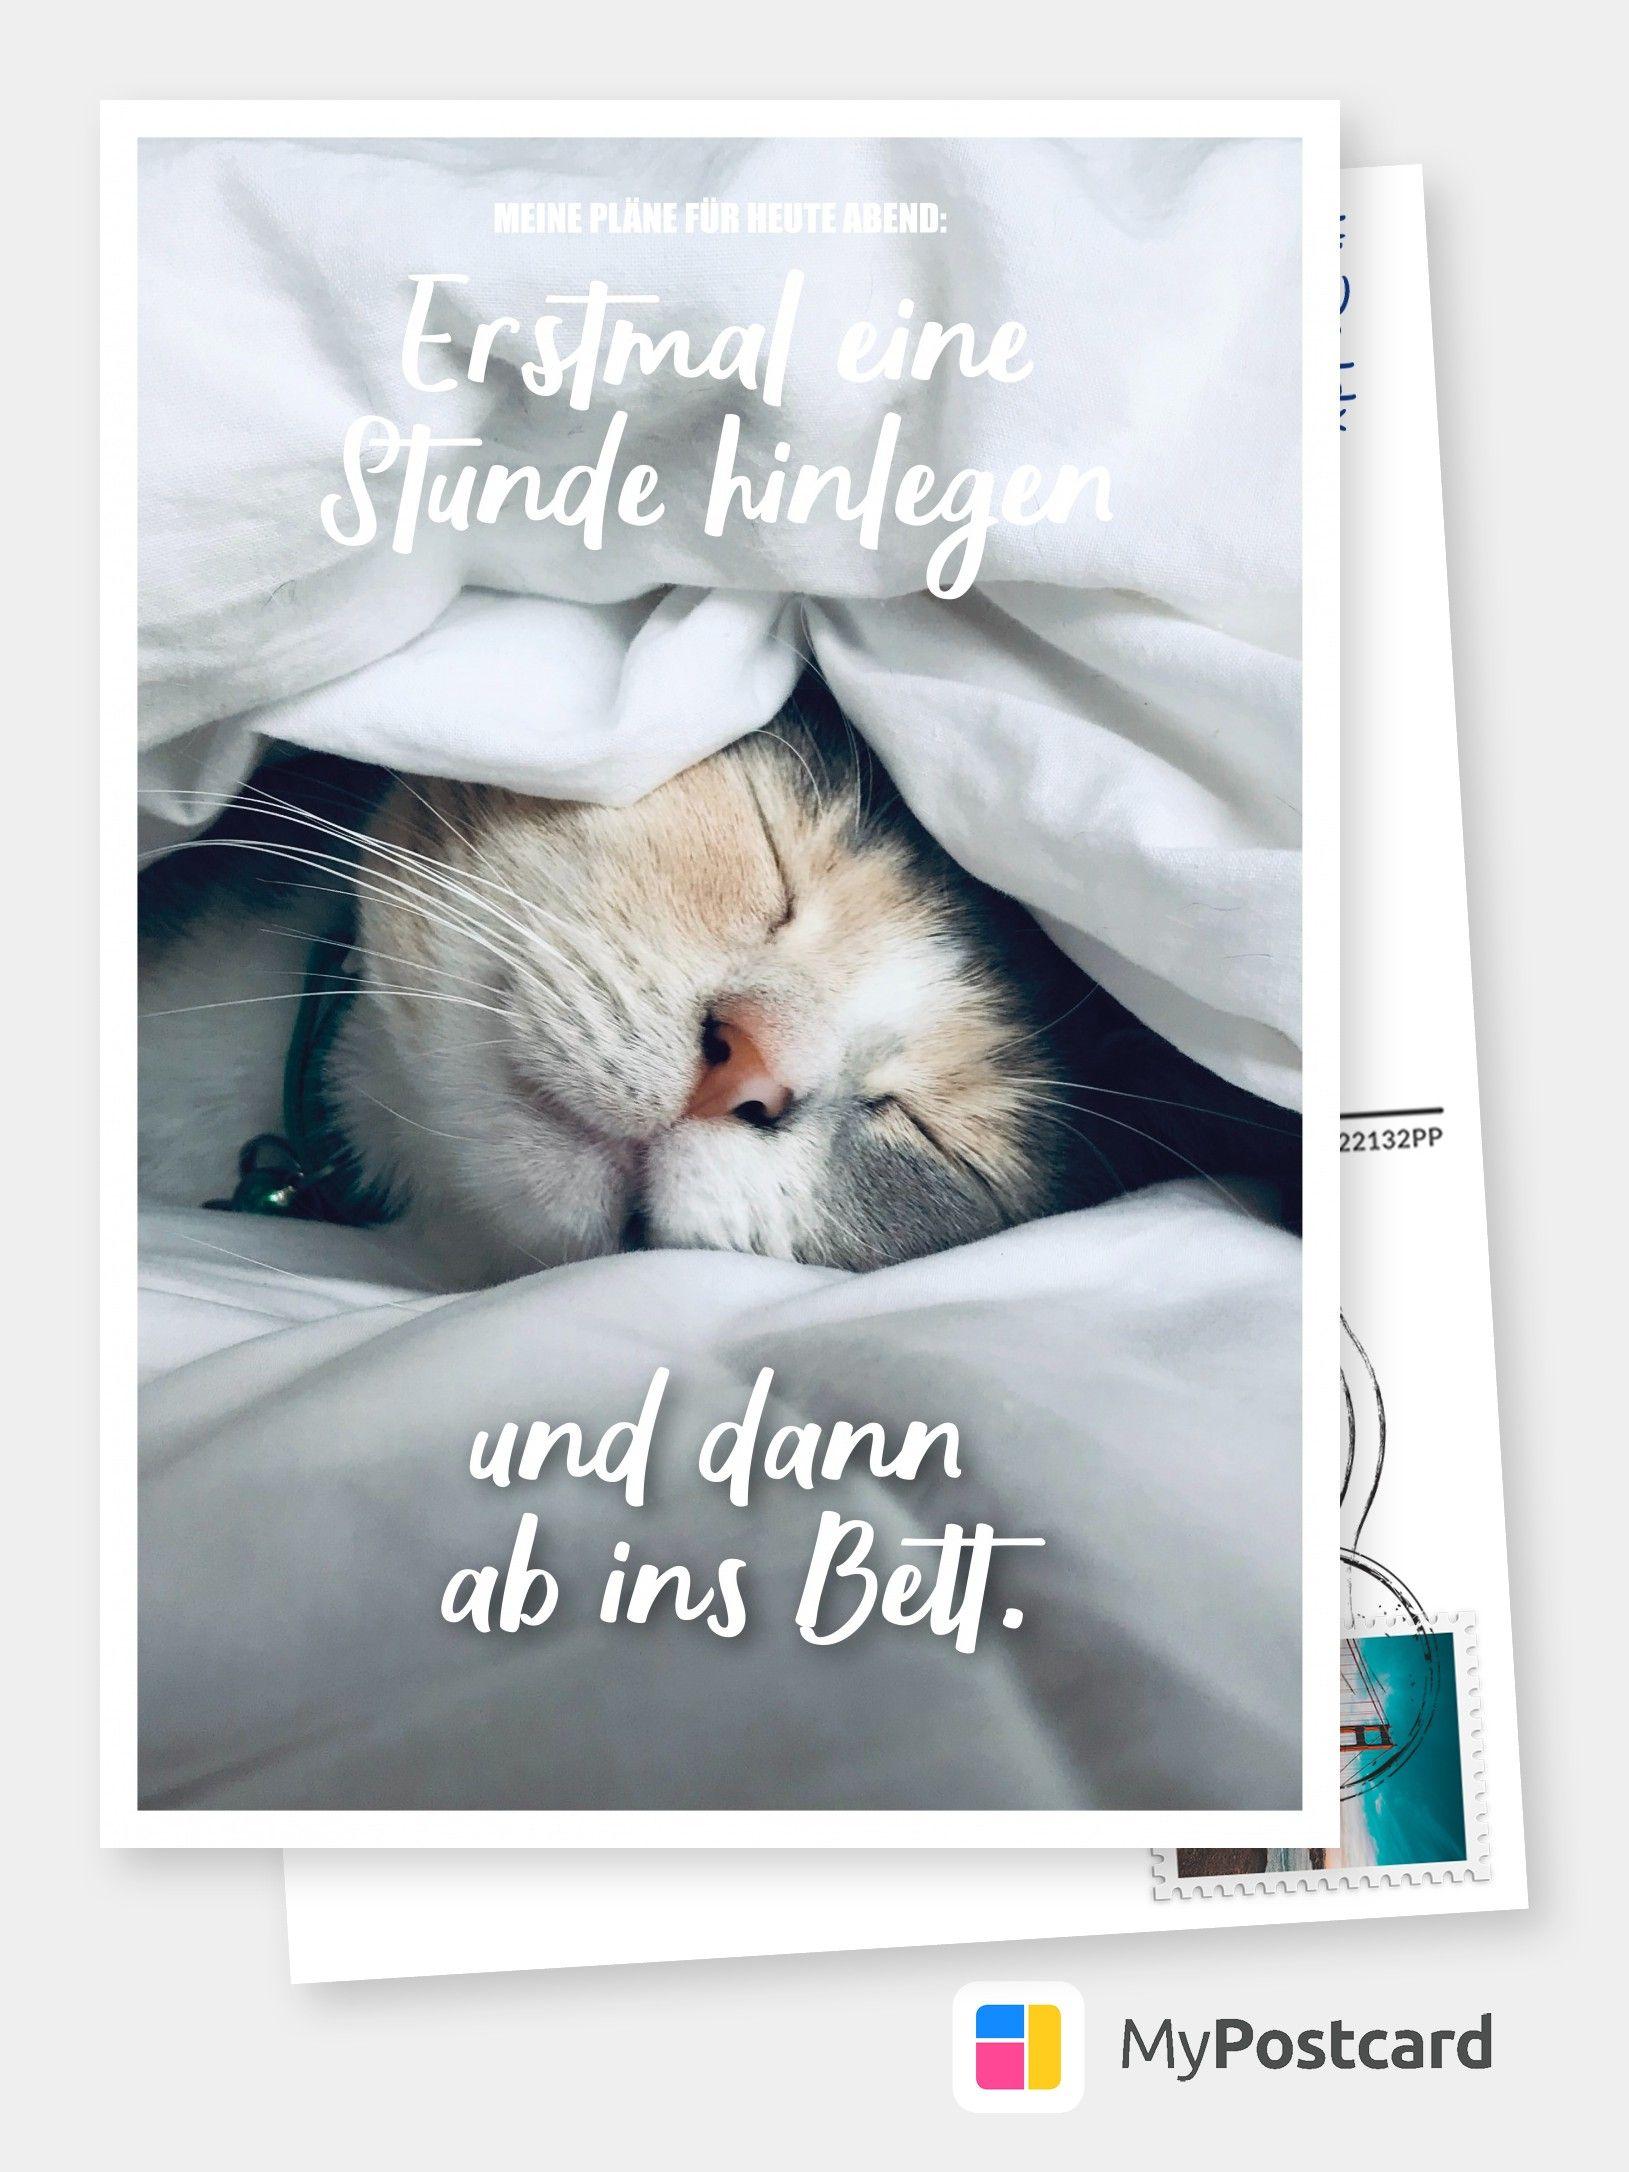 Erstmal Eine Stunde Hinlegen Und Dann Ab Ins Bett Witzige Karten Spruche Echte Postkarten Online Versenden Lustige Postkarten Lustige Grusskarten Karten Spruche